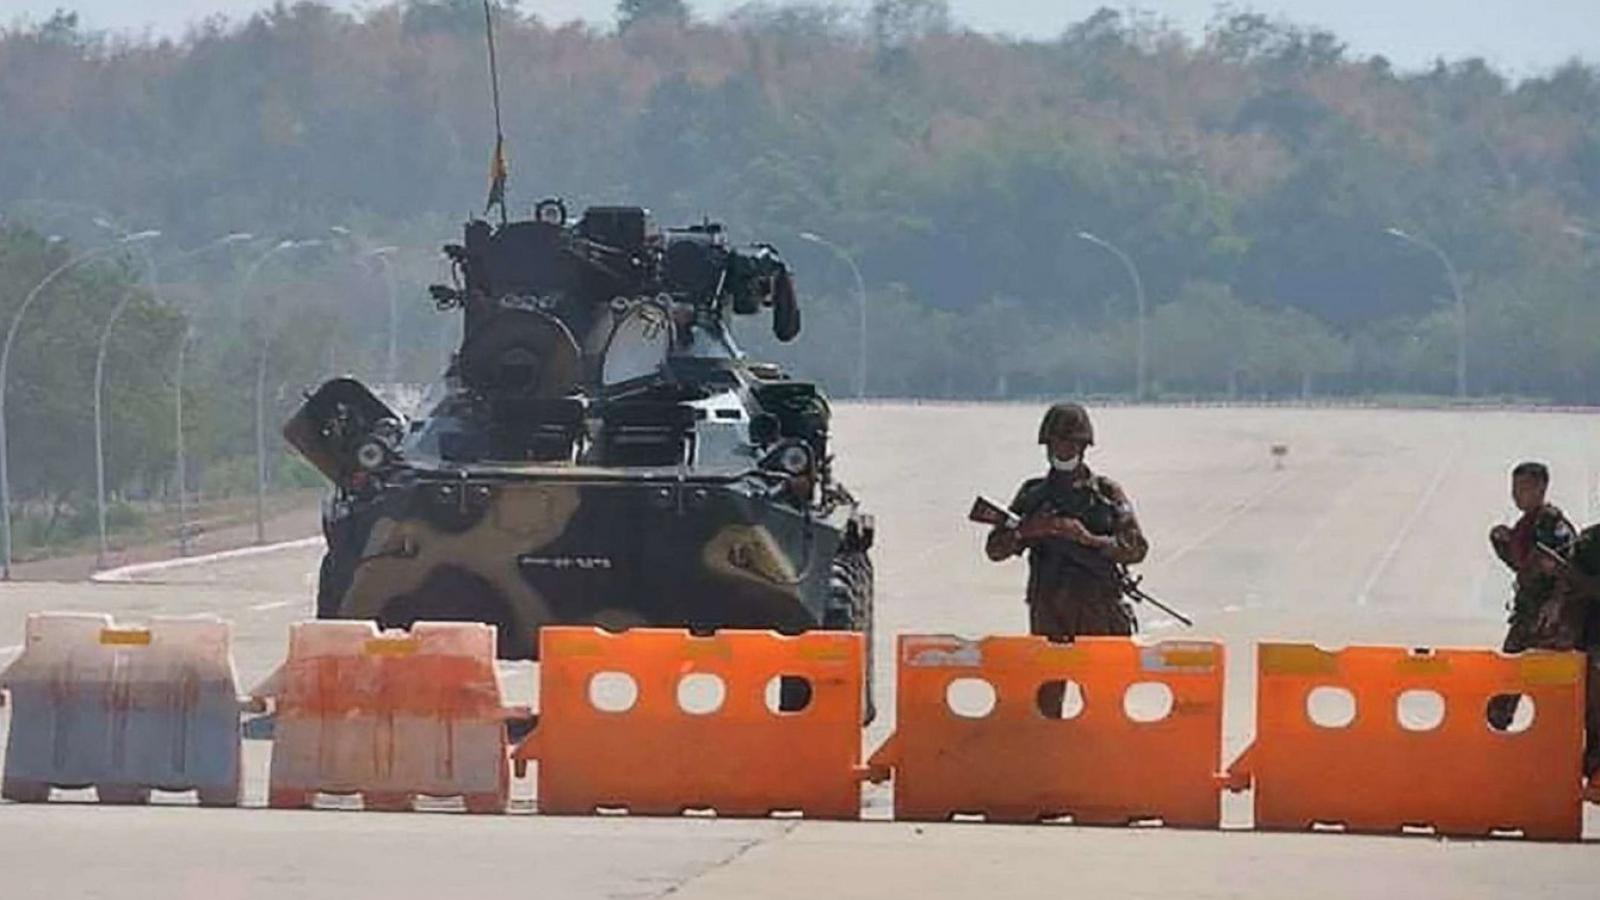 Ưu tiên hợp tác và đồng thuận trong ASEAN về vấn đề Myanmar và Covid-19